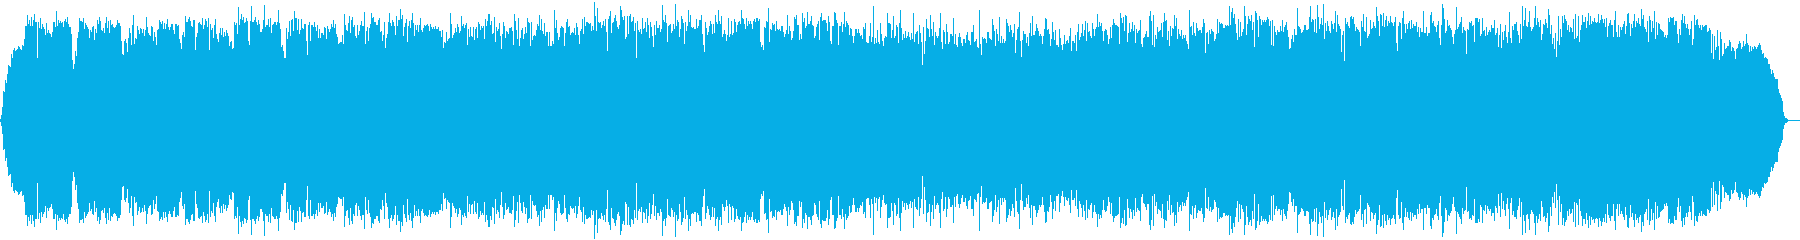 暖かな森のヒーリング音楽の再生済みの波形